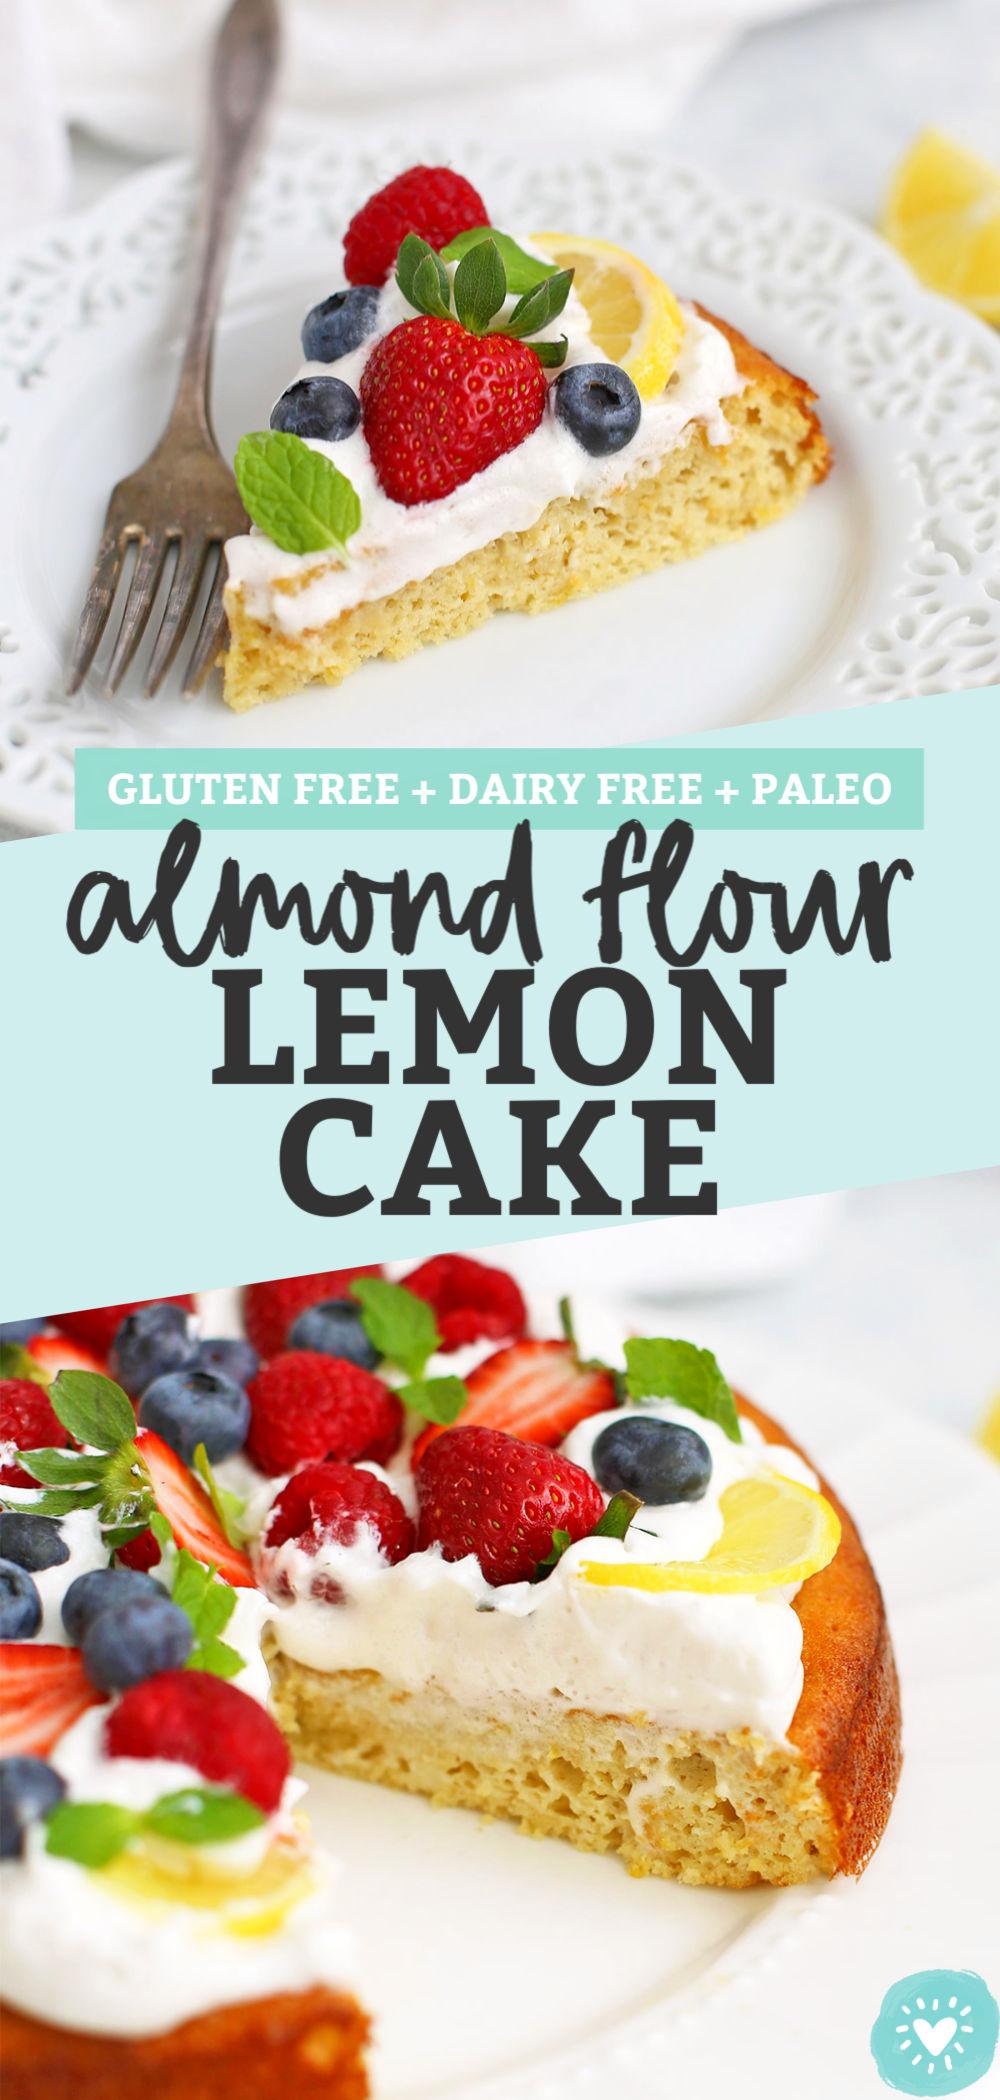 Almond Flour Lemon Cake from One Lovely Life